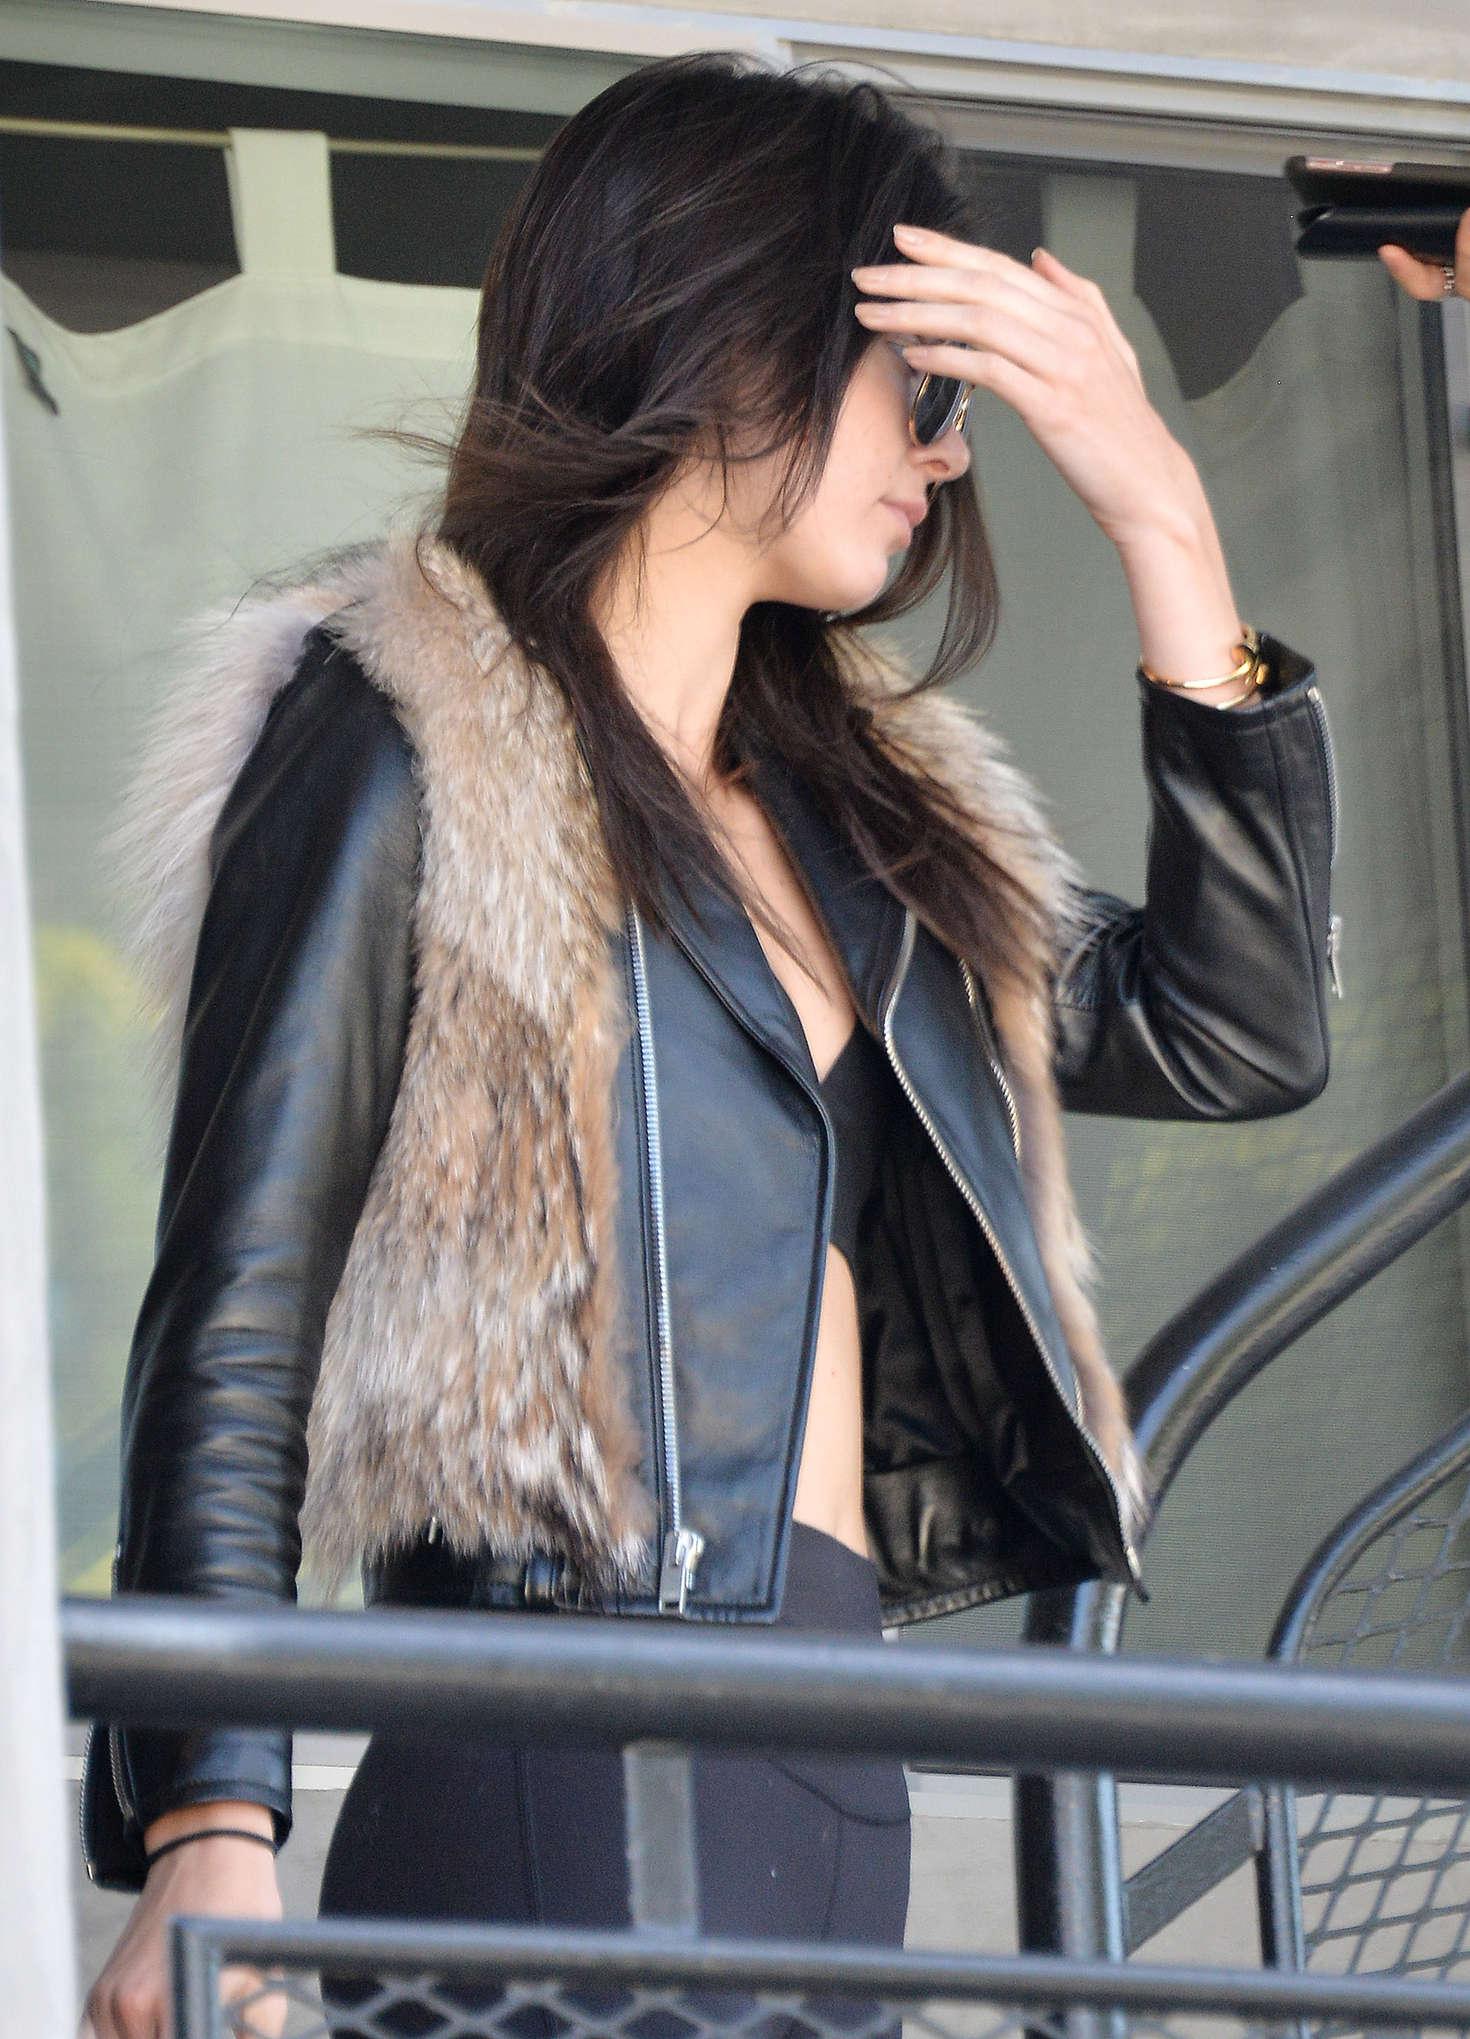 Kendall Jenner 2016 : Kendall Jenner in Leggings -15